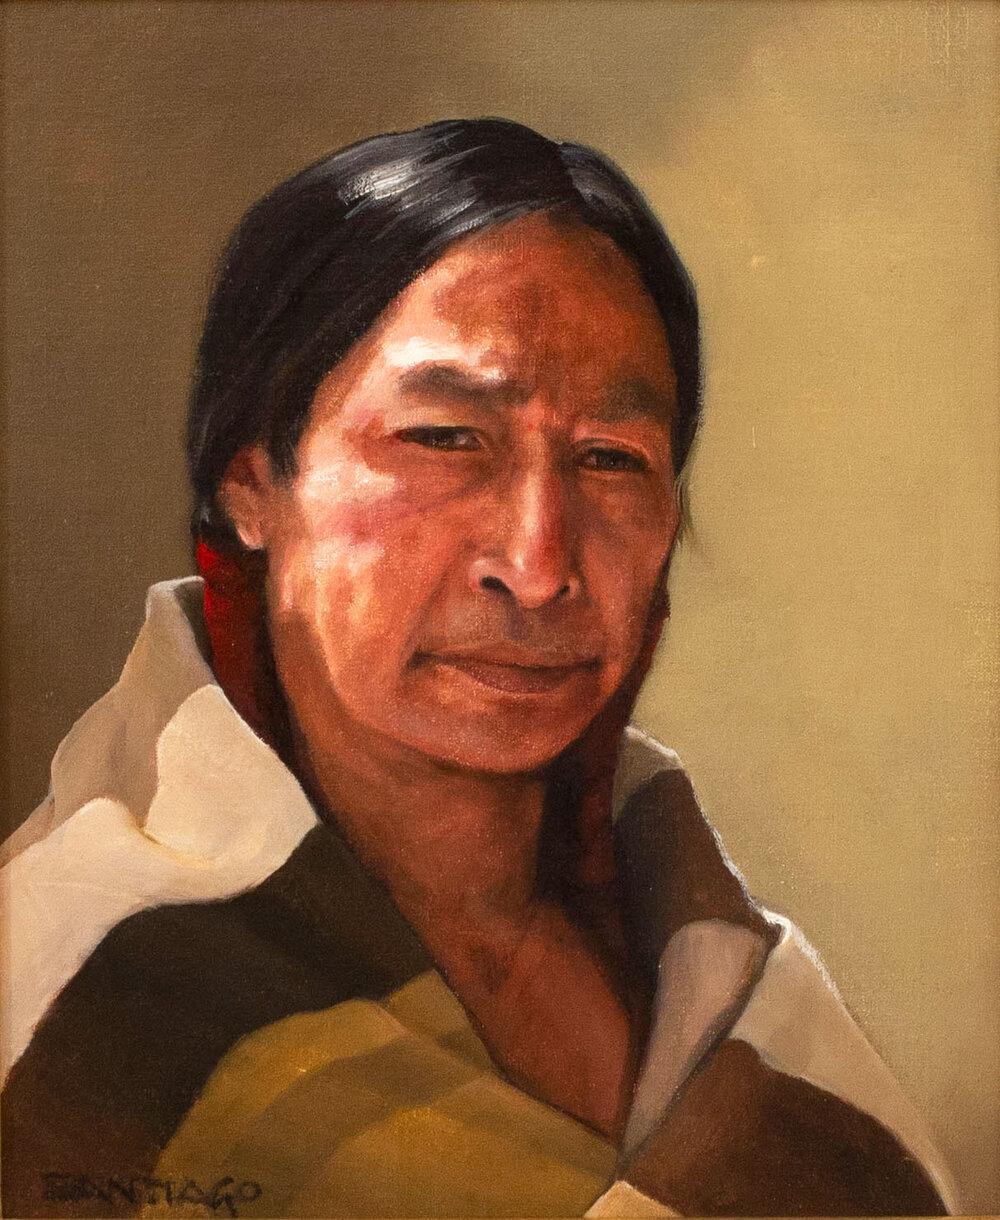 Man from Zuni